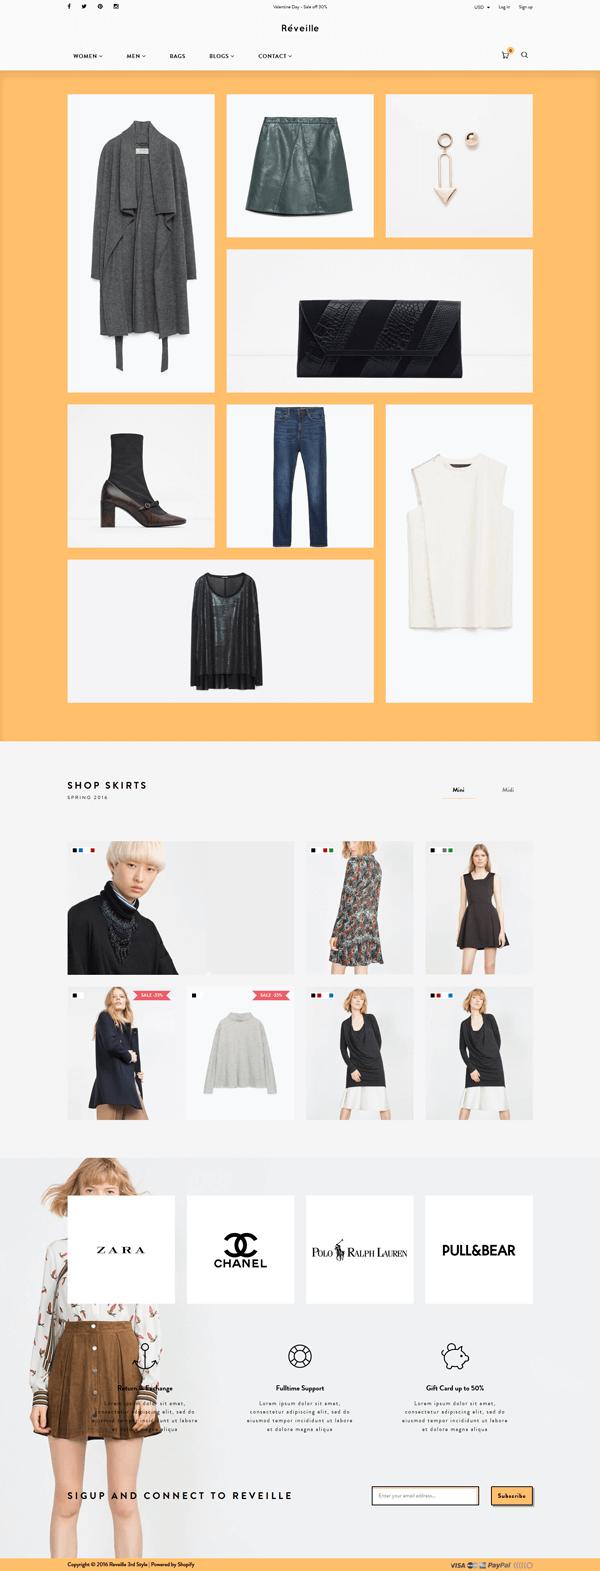 5 Best SHOPIFY Premium Themes Collection for Handbags Store 2017 - Réveille - Premium Responsive Shopify Theme